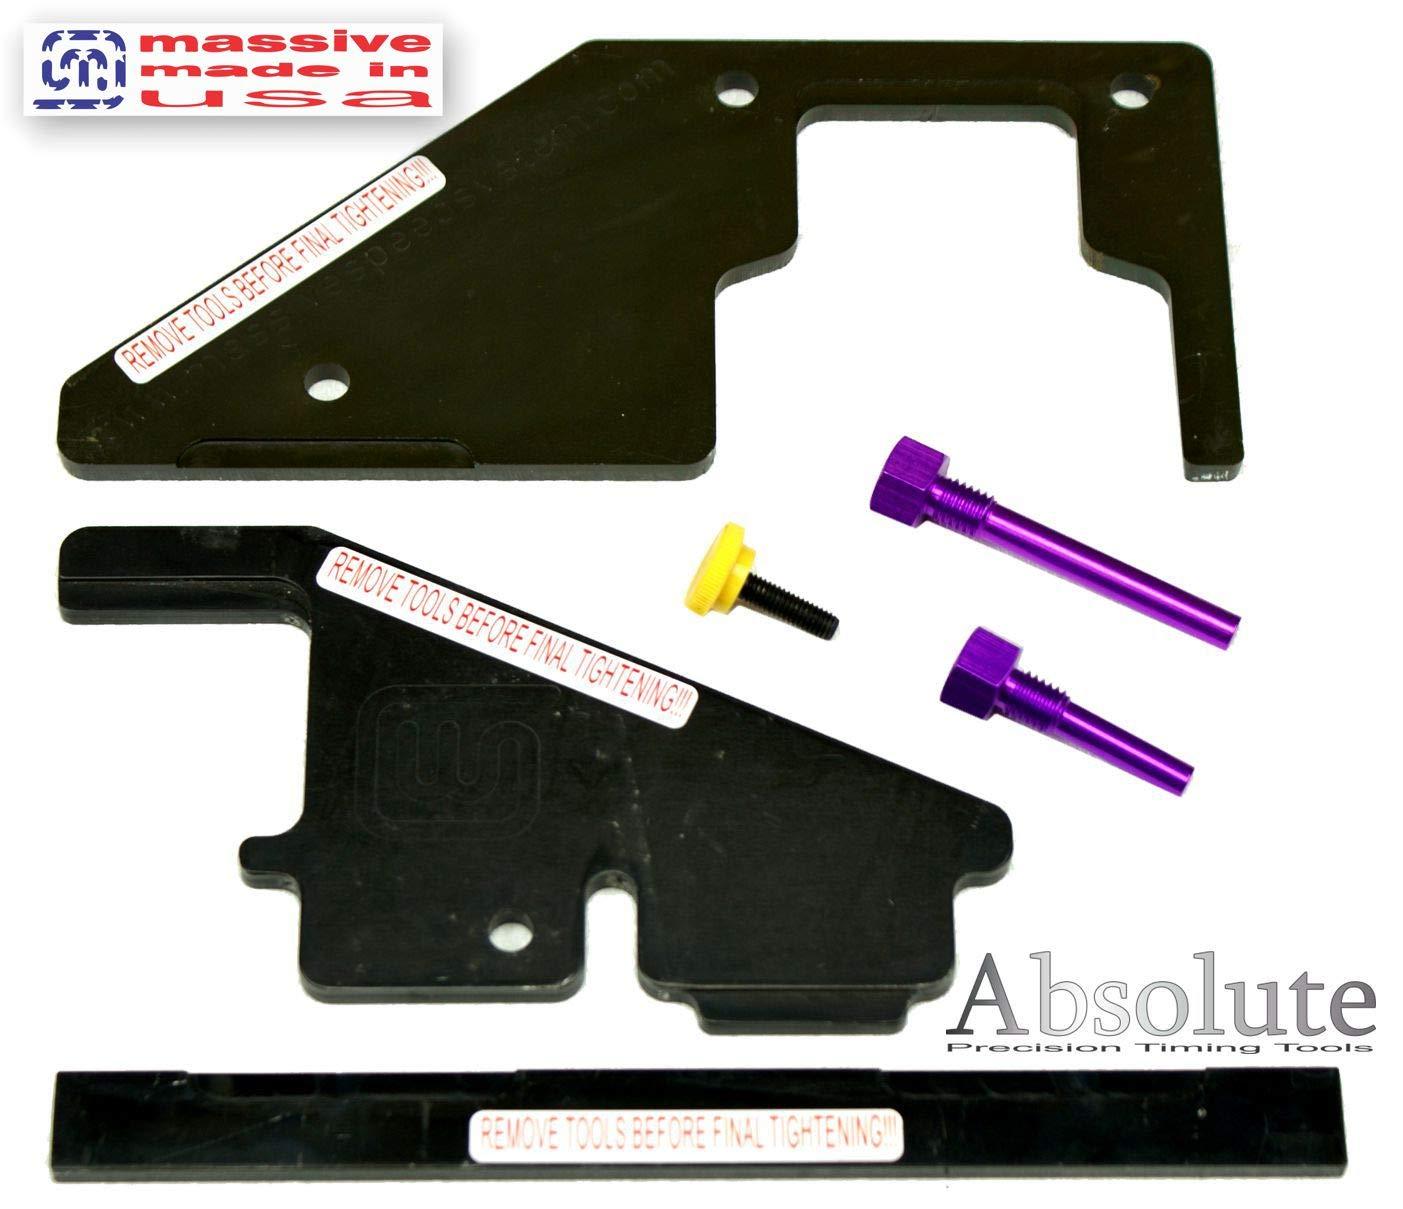 Cam de precisión maletín con juego de herramientas para Ford/Mazda Zetec, Duratec motores y MZR 2.0 2.3 2.5 Focus Ti-vct gtdi Fusion Escape ...